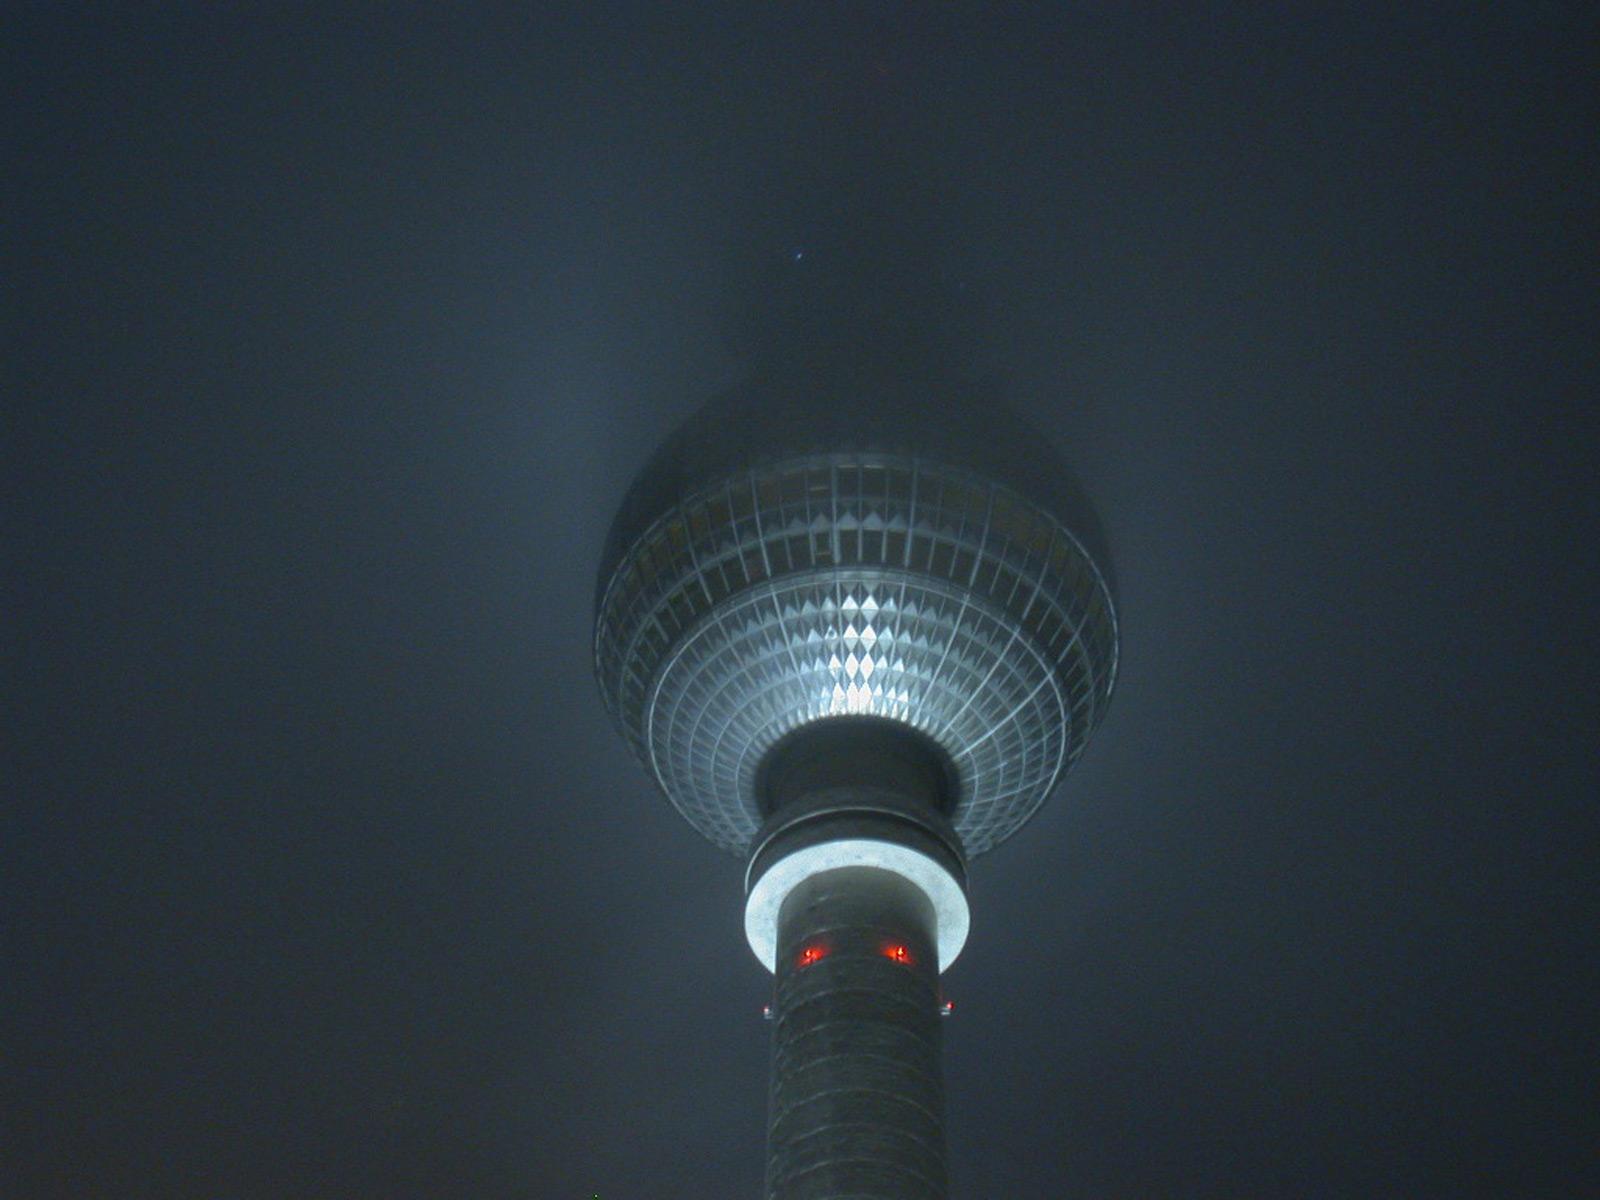 Fernsehturm bei Nacht Wallpaper-2